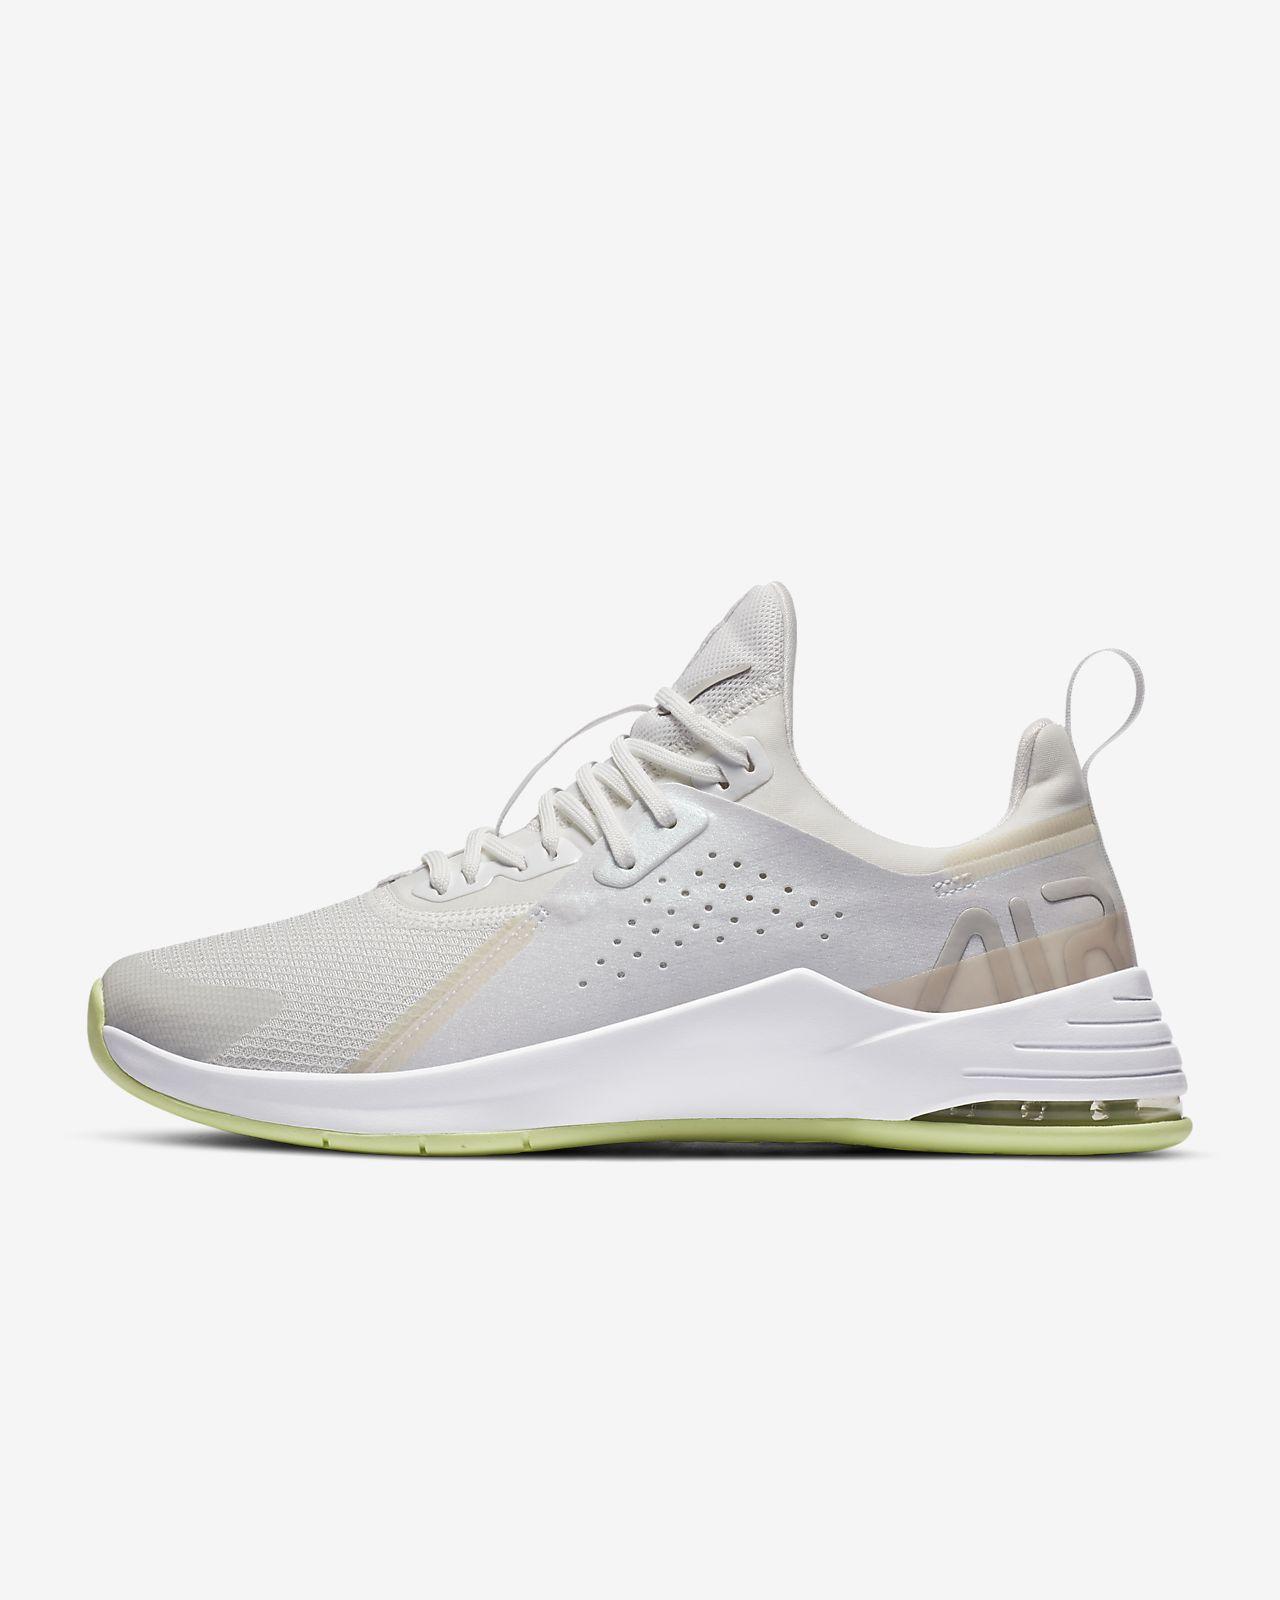 Nike Air Max Bella TR 3 PRM 女子训练鞋